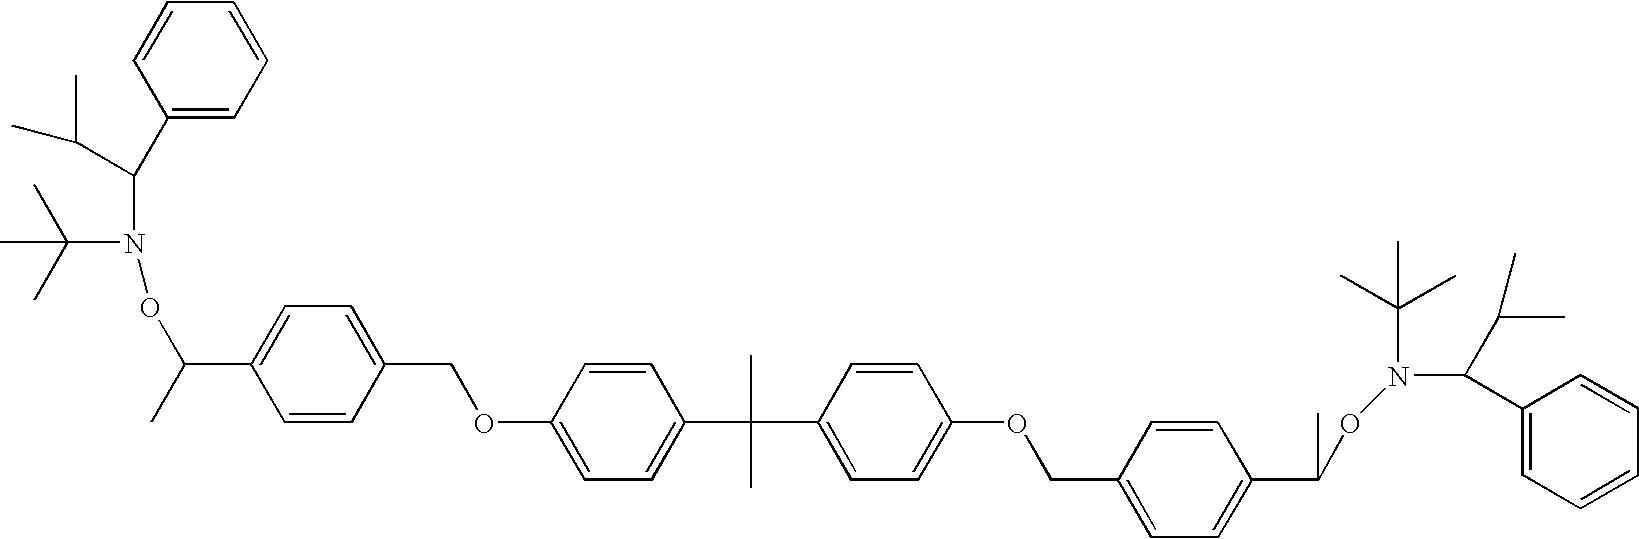 Figure US07259217-20070821-C00023